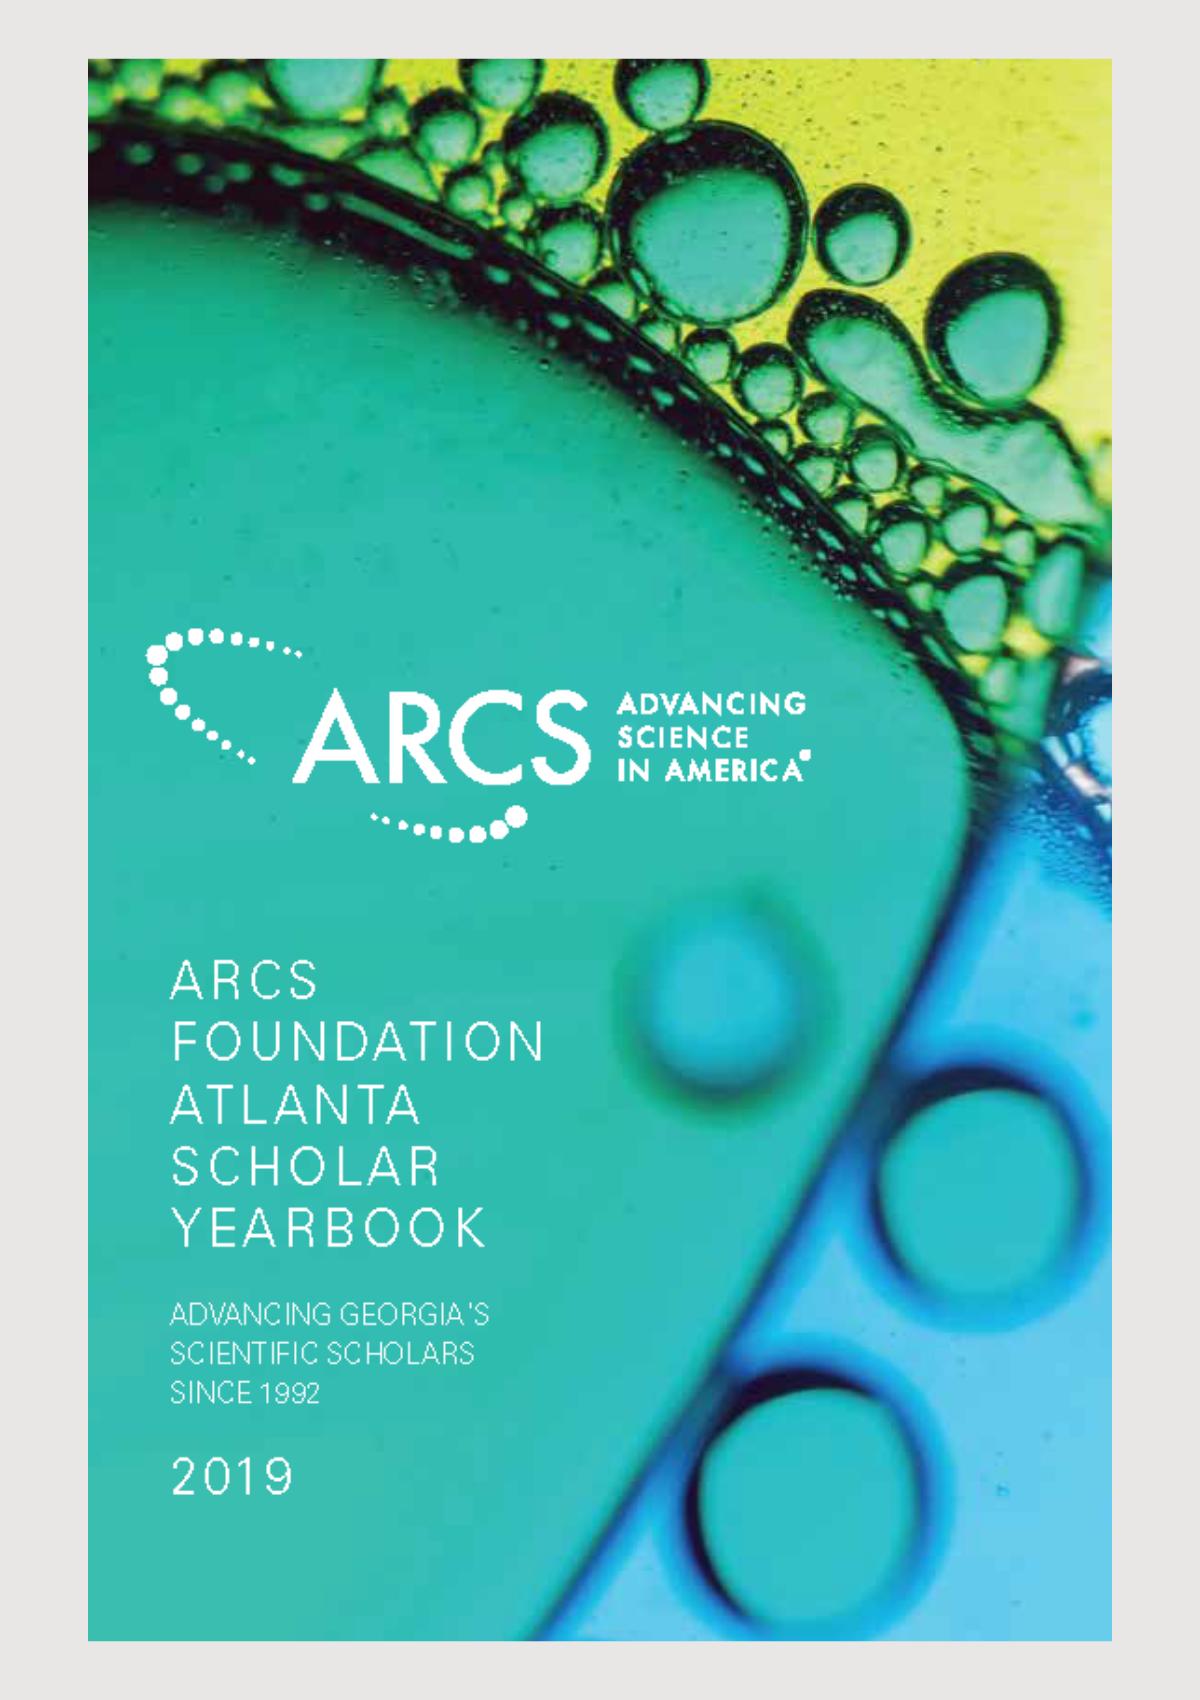 2019 Scholar Yearbook